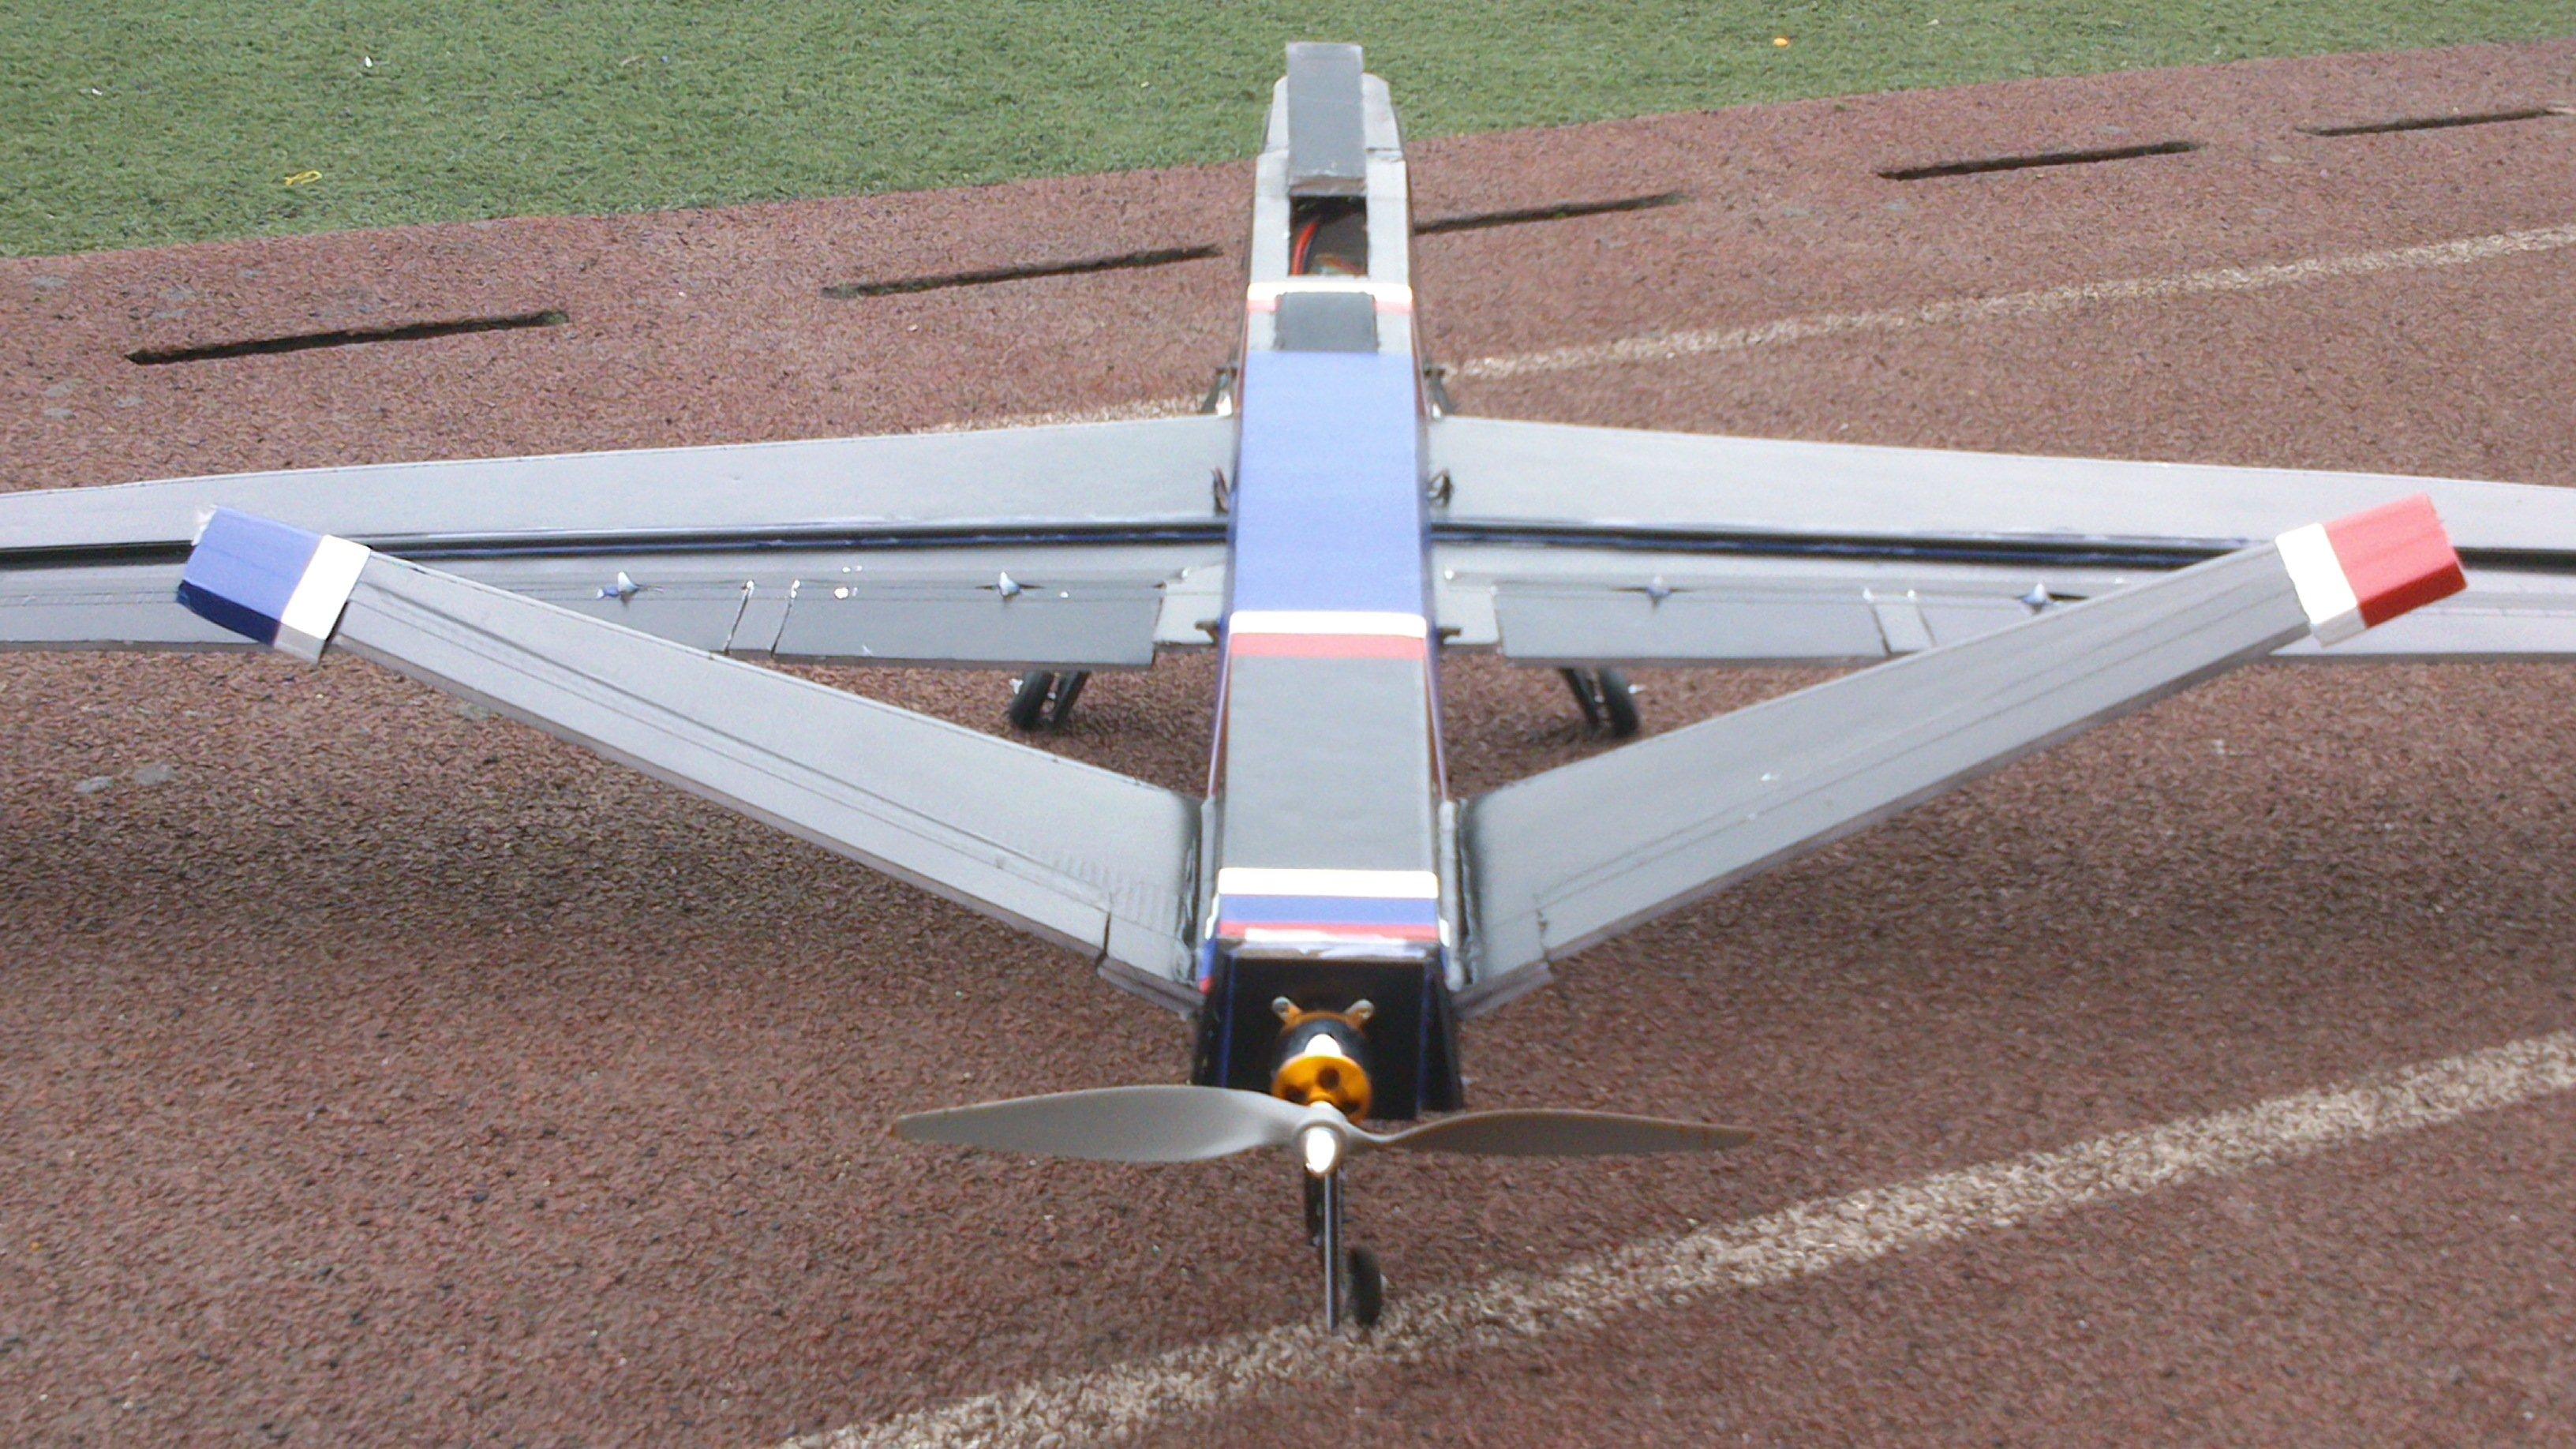 Foam board   RC Predator project 7 foot wingspan | Flite Test